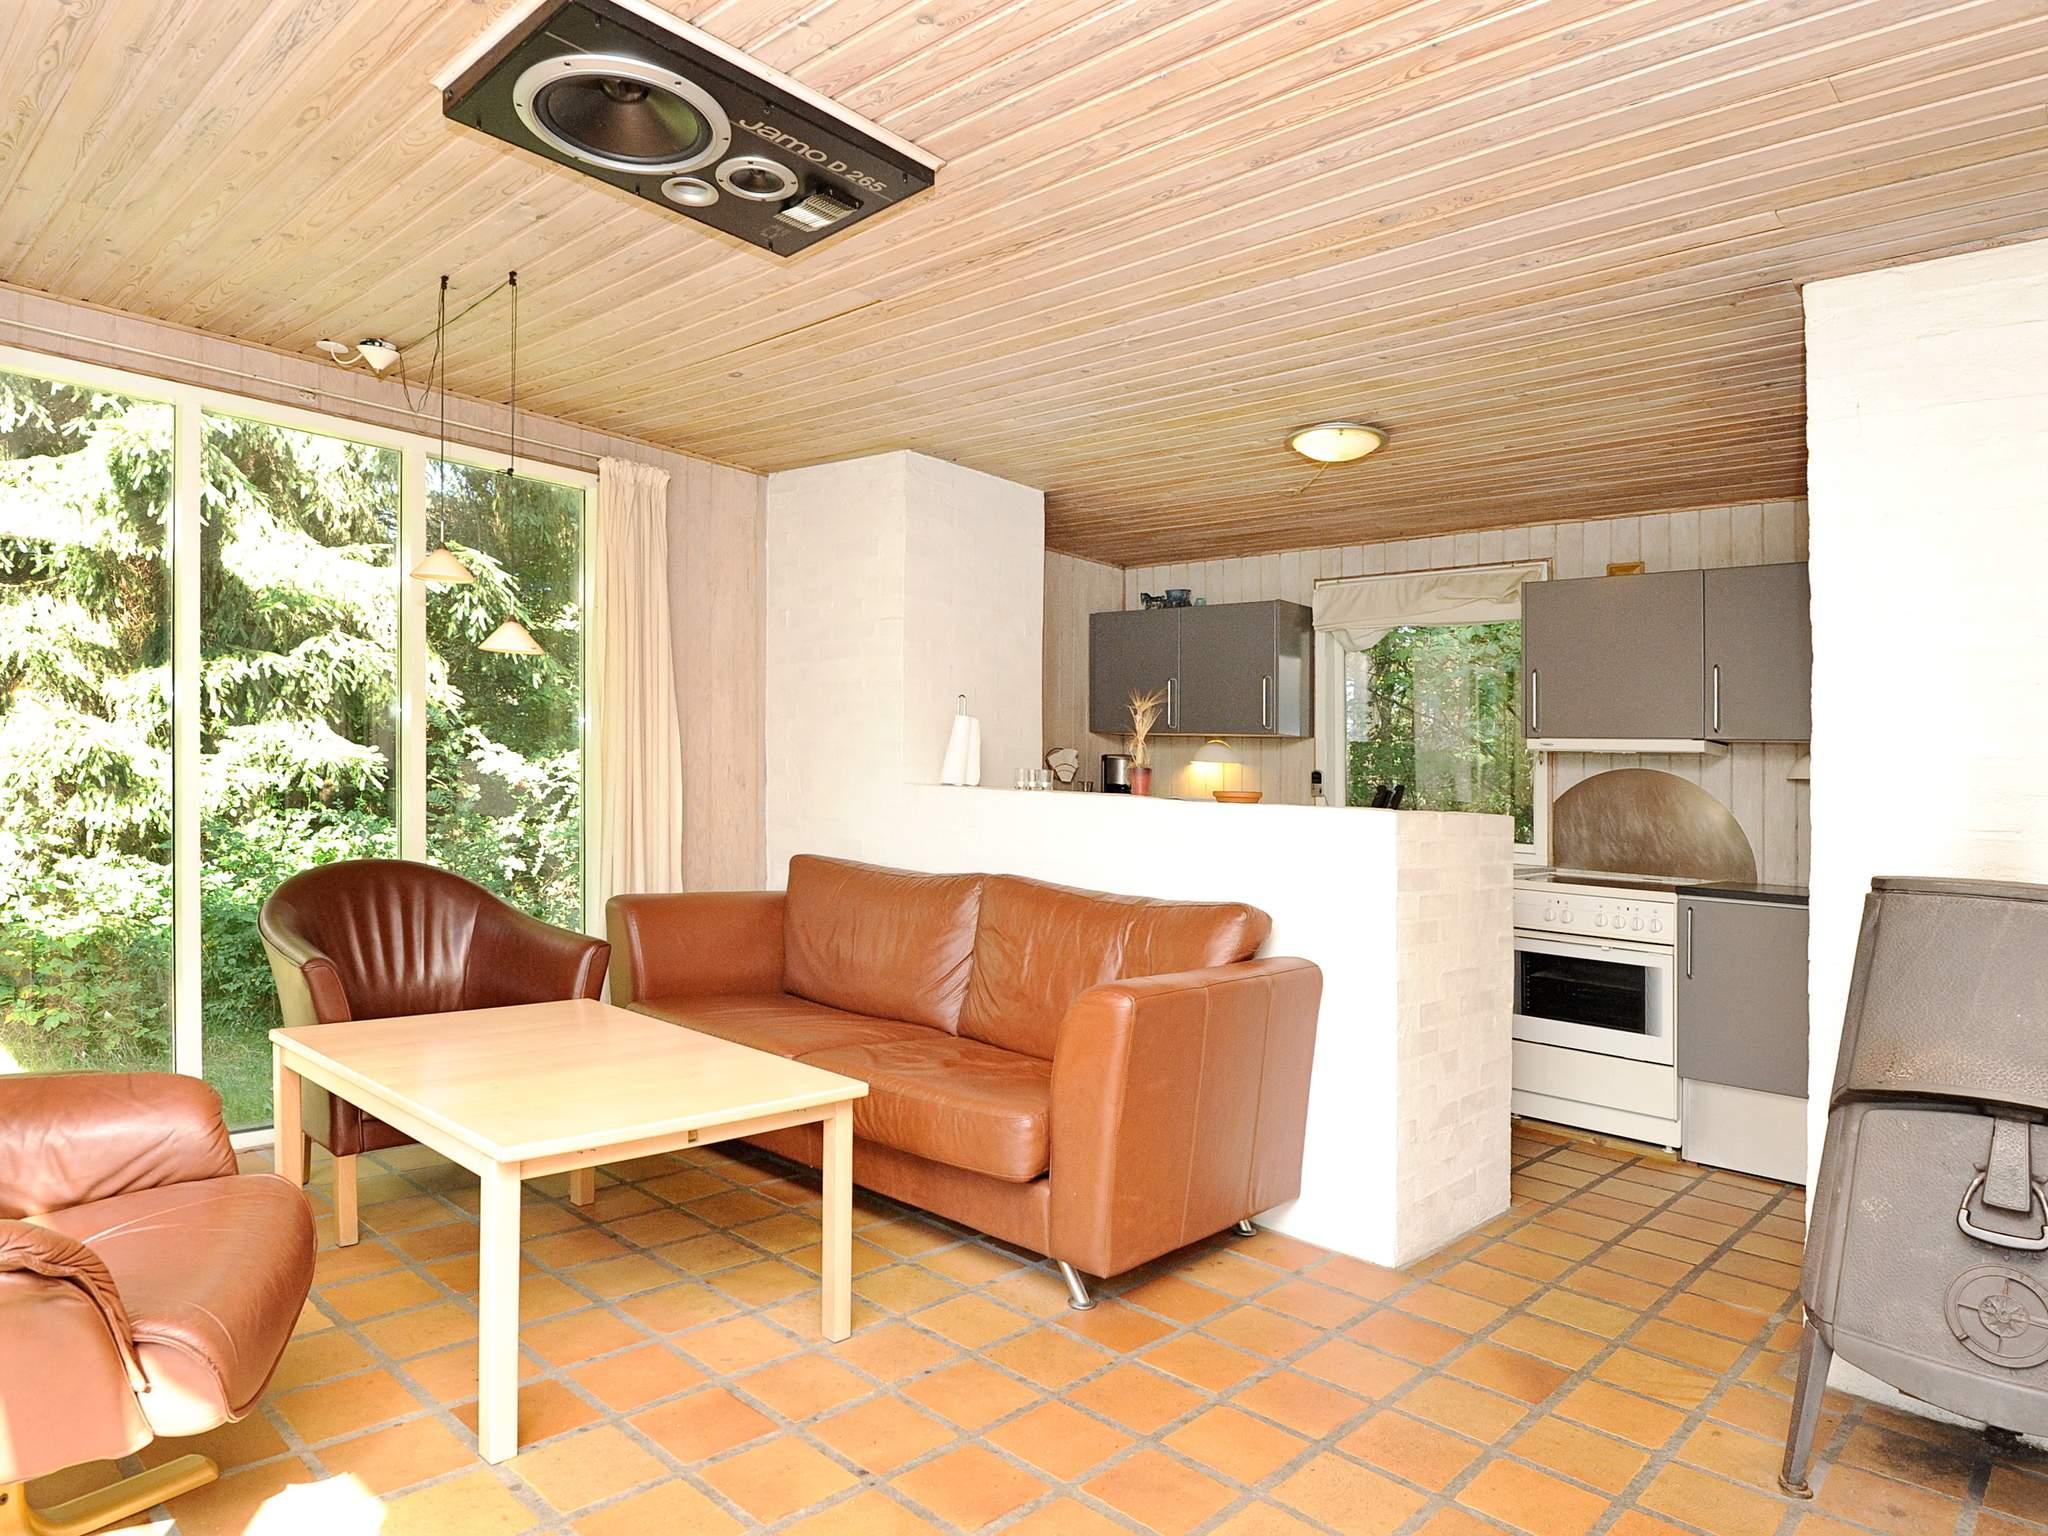 Ferienhaus Guldforhoved (84103), Guldforhoved, , Westjütland, Dänemark, Bild 4